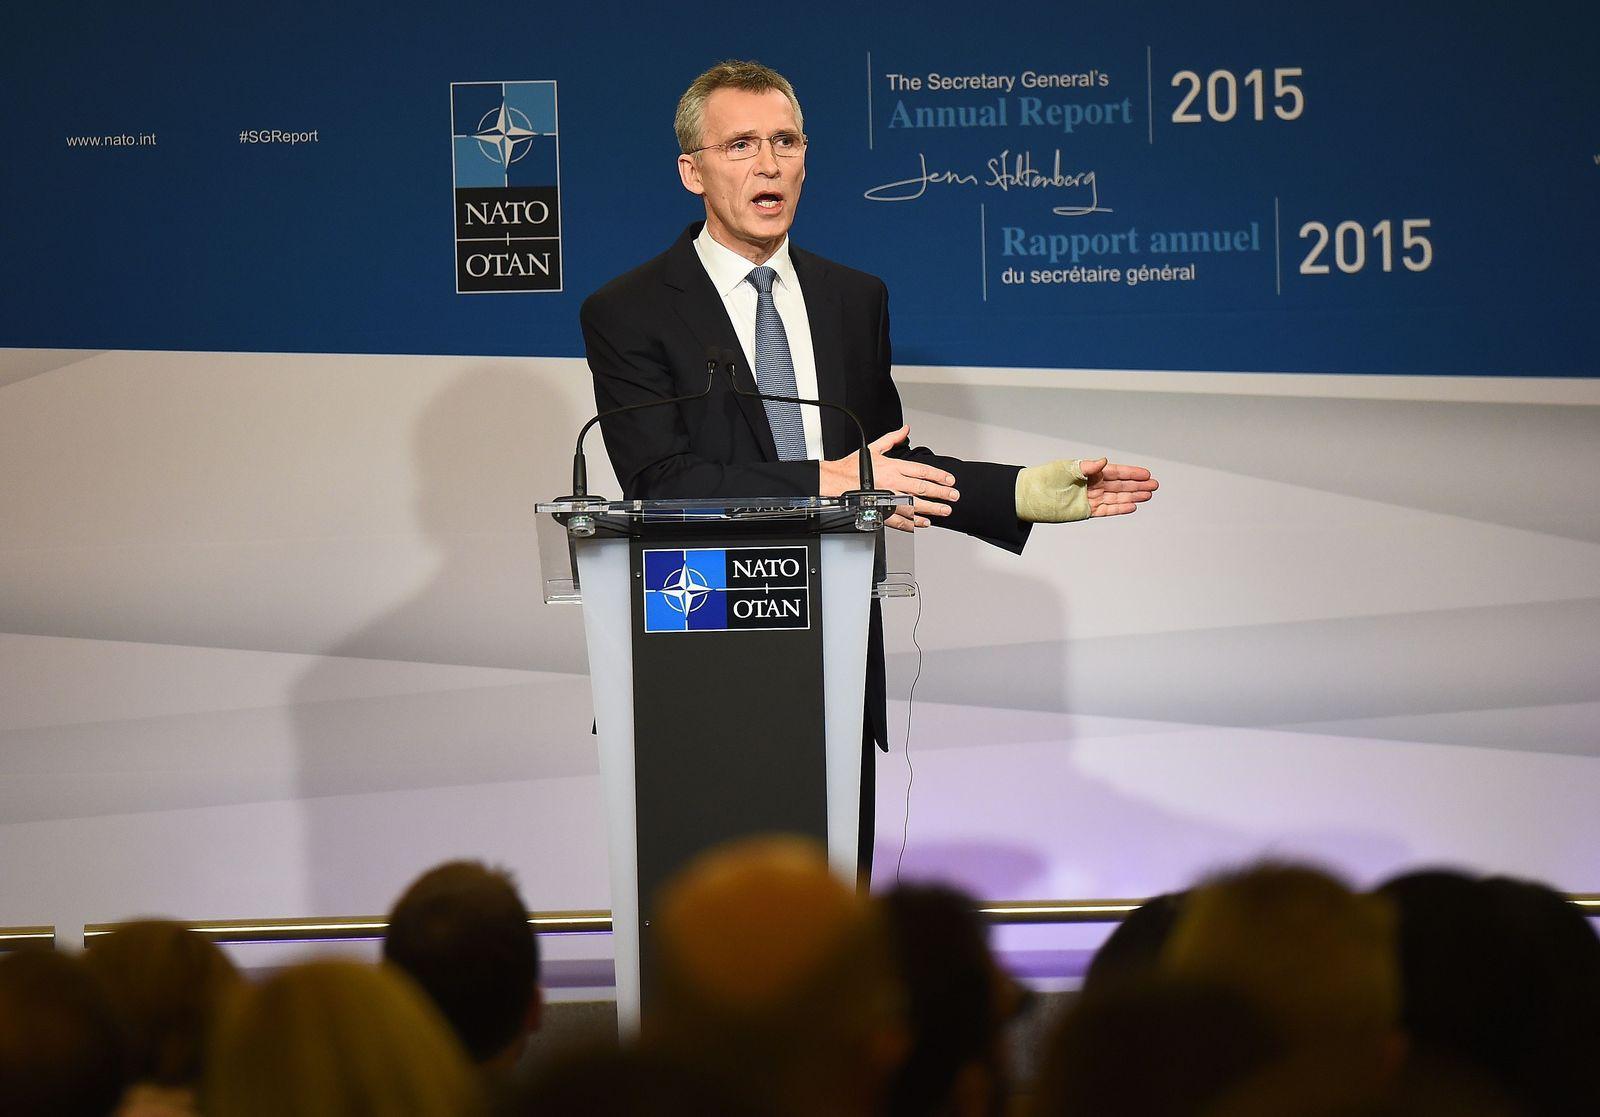 Nato/Jens Stoltenberg